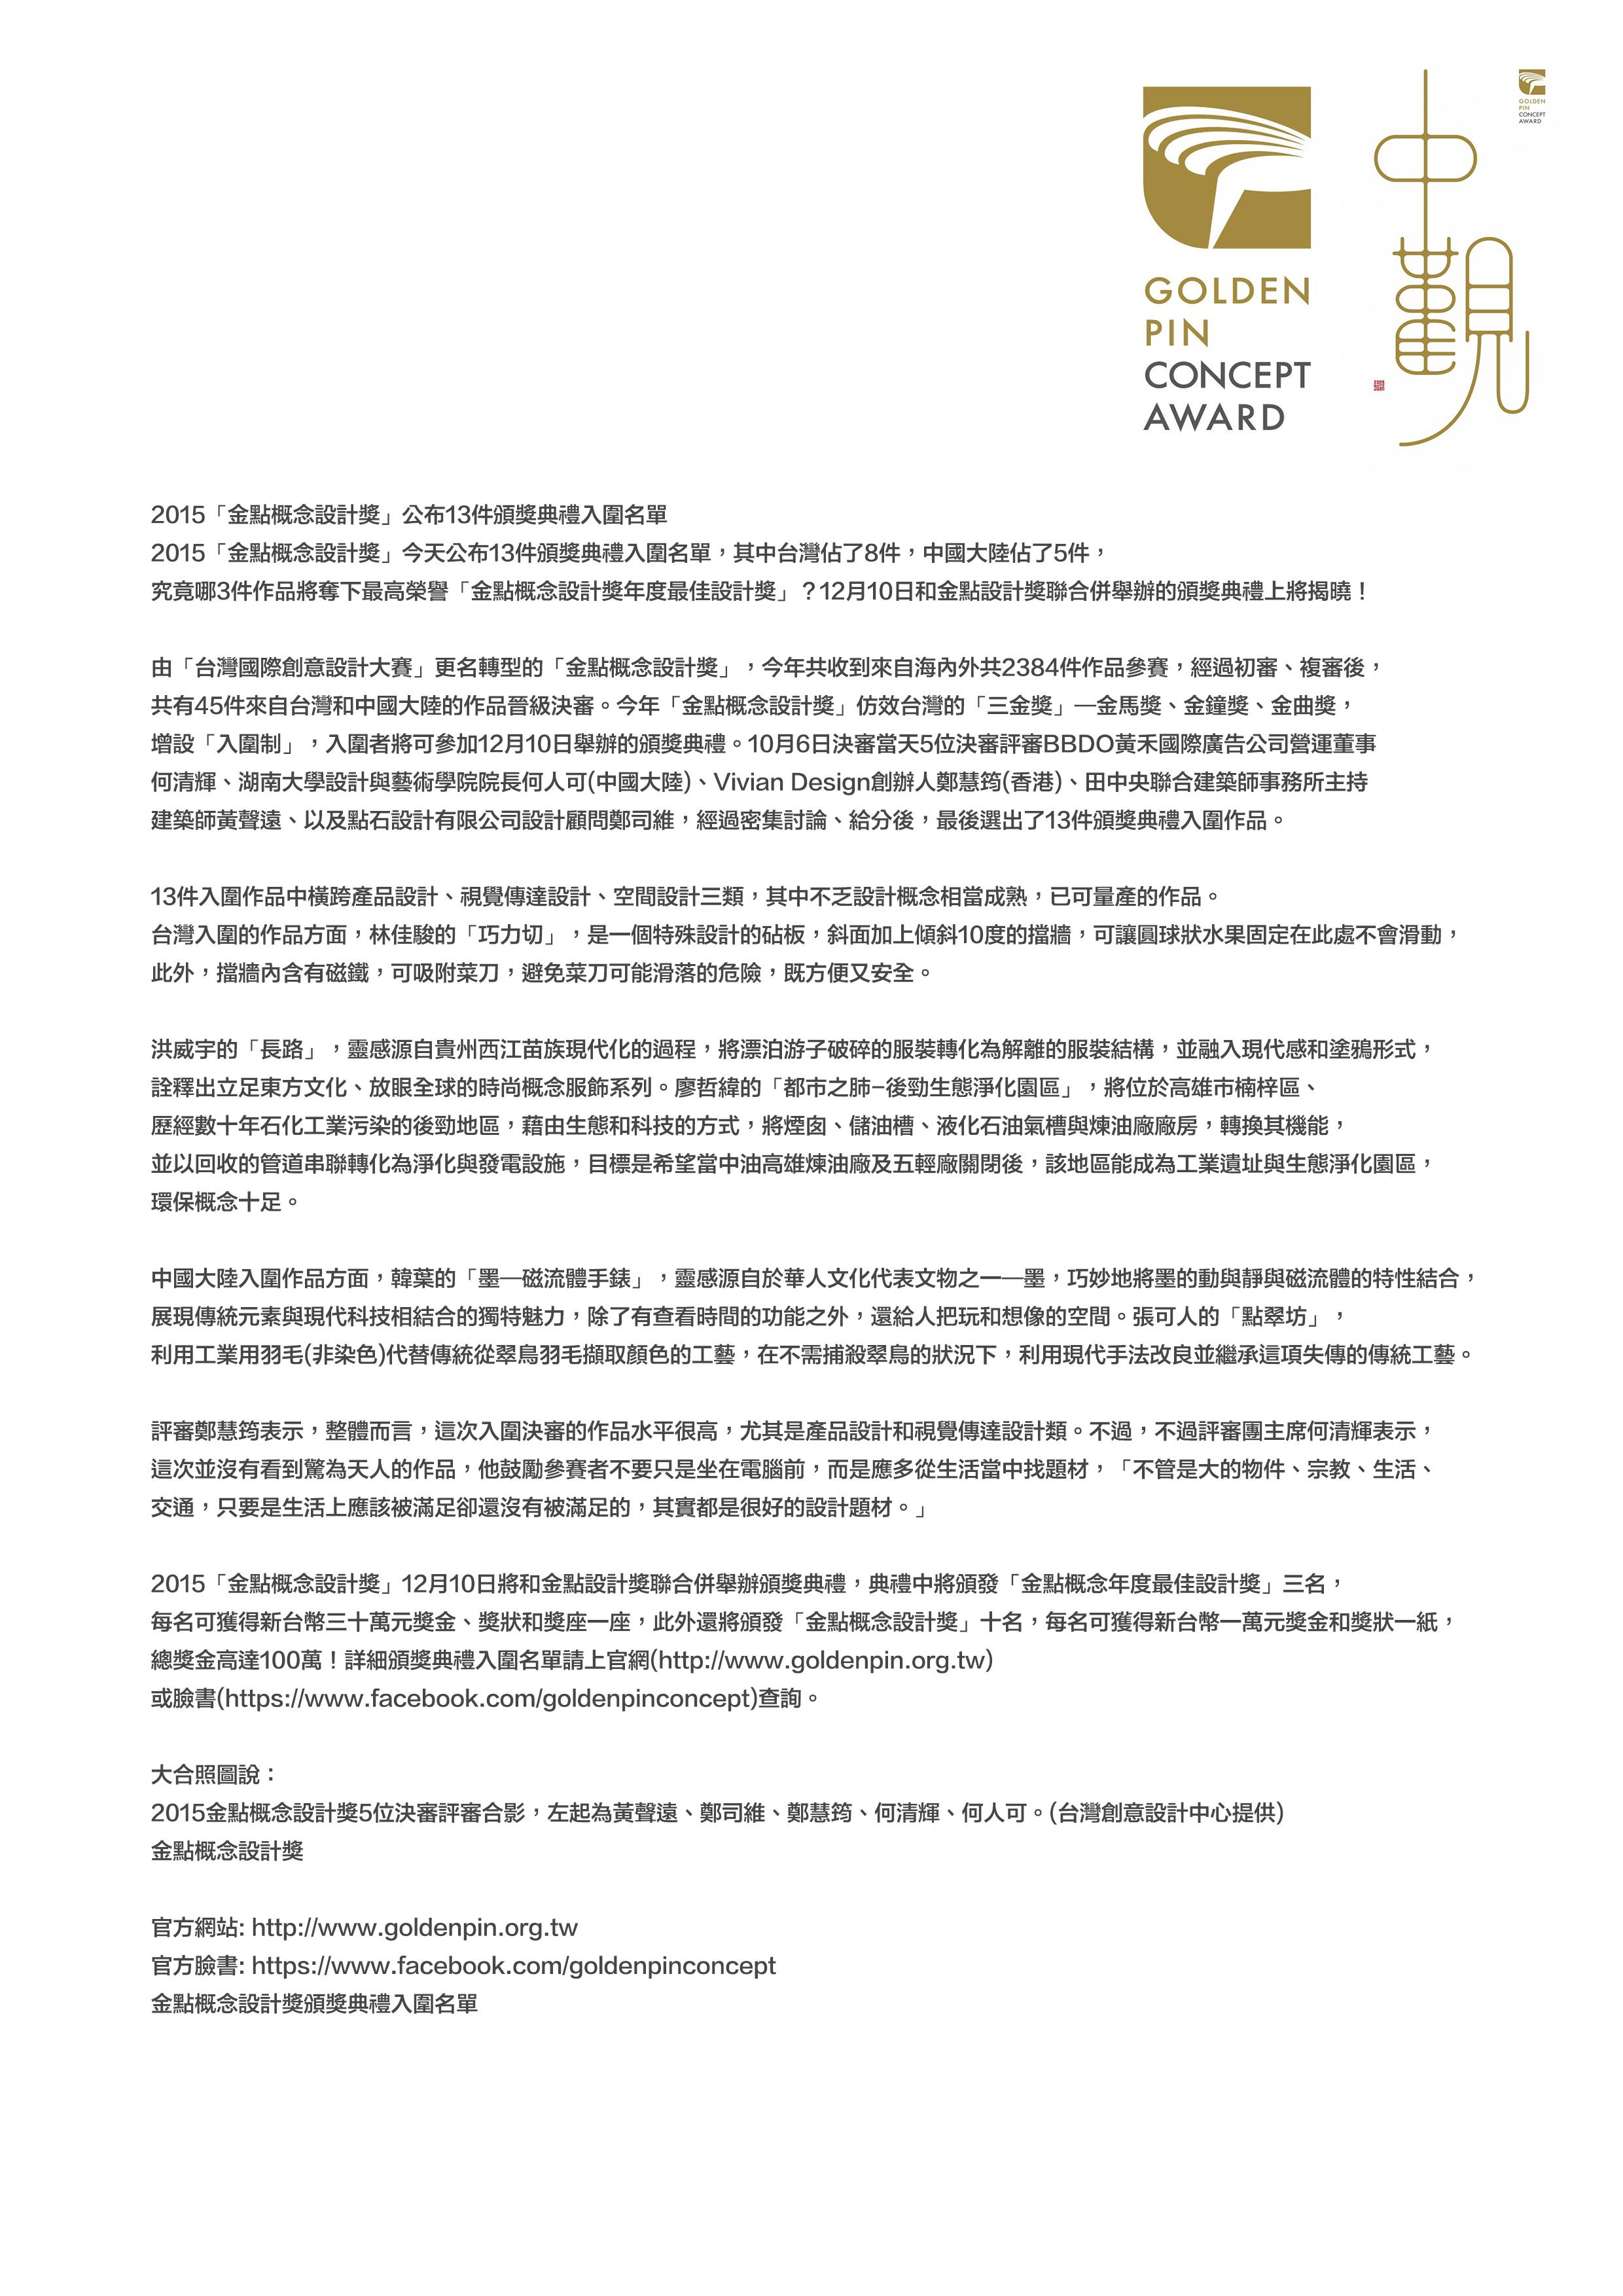 """September, 2015 """"Golden Pin Concept Design Award announce the finalist"""" from http://www.goldenpin.org.tw/ (Mandarin version)"""